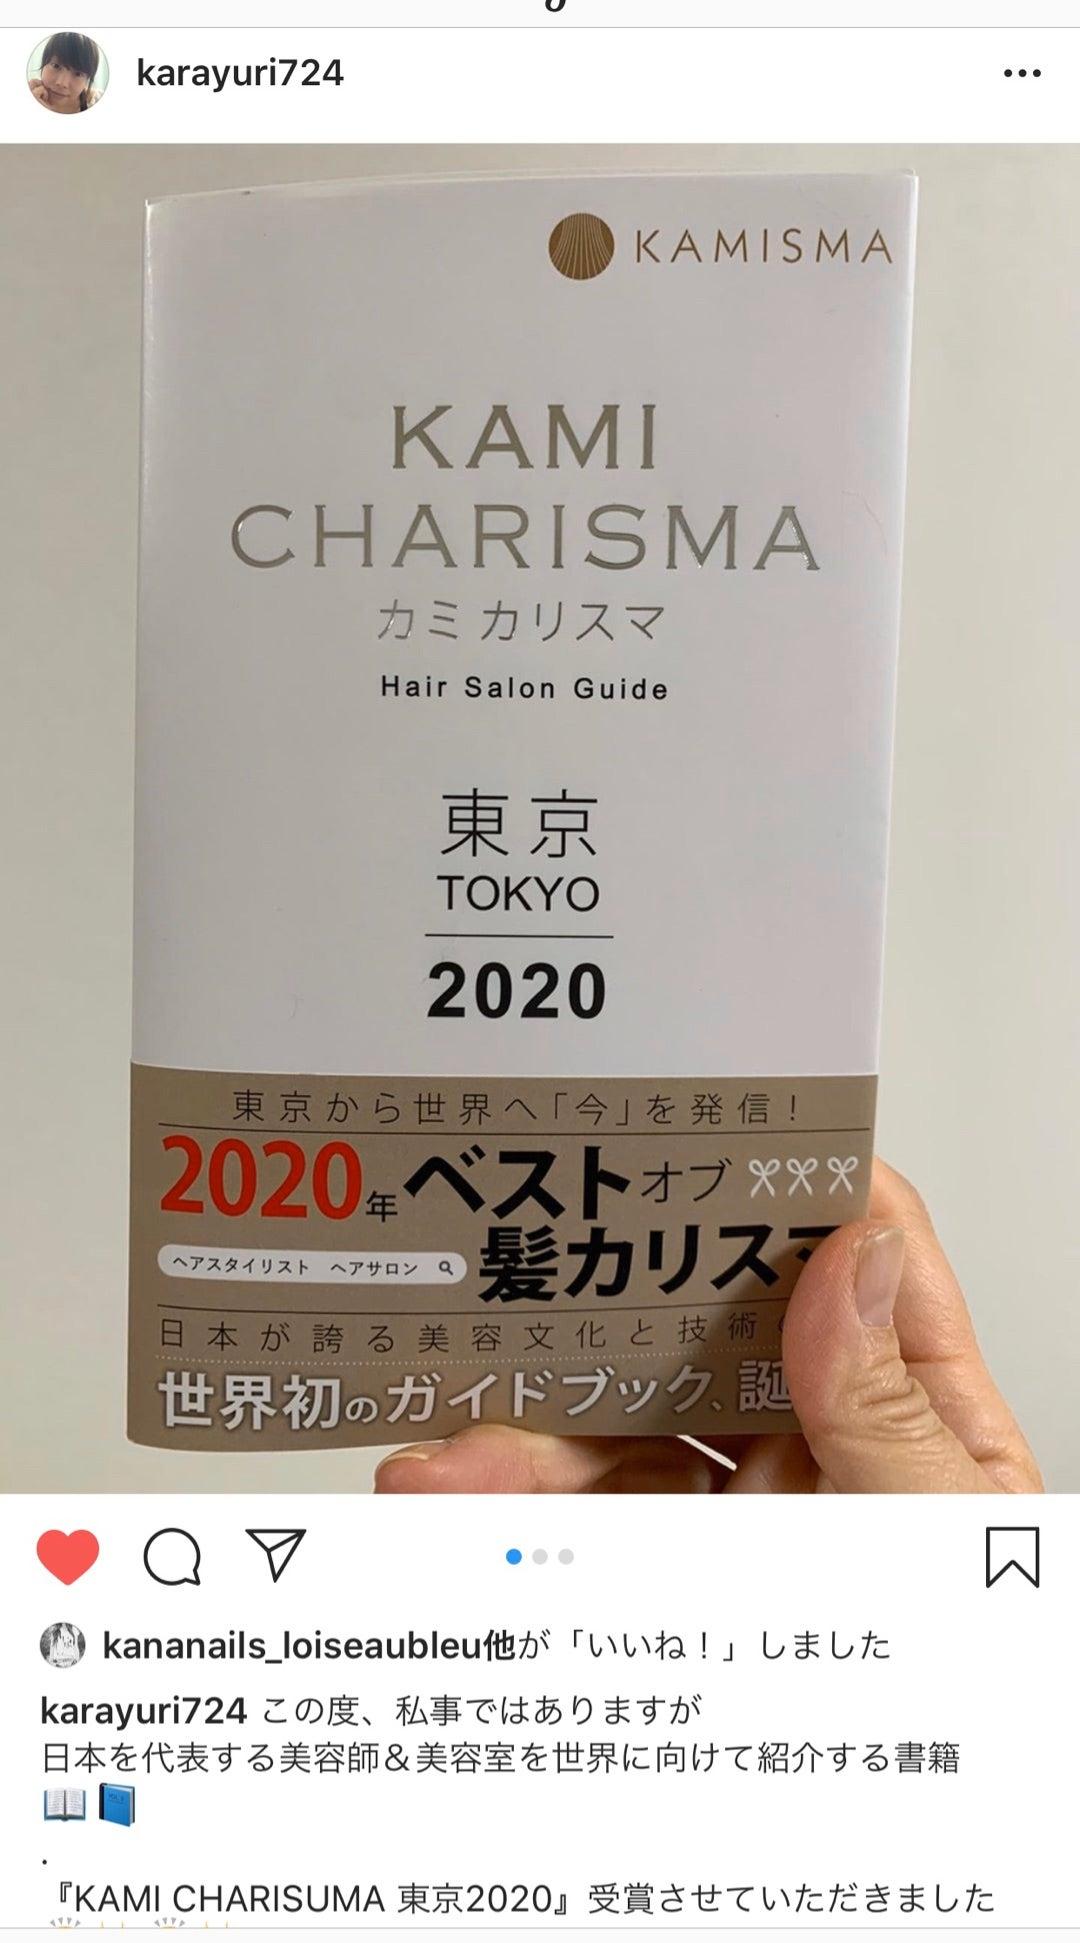 カリスマ 2021 髪